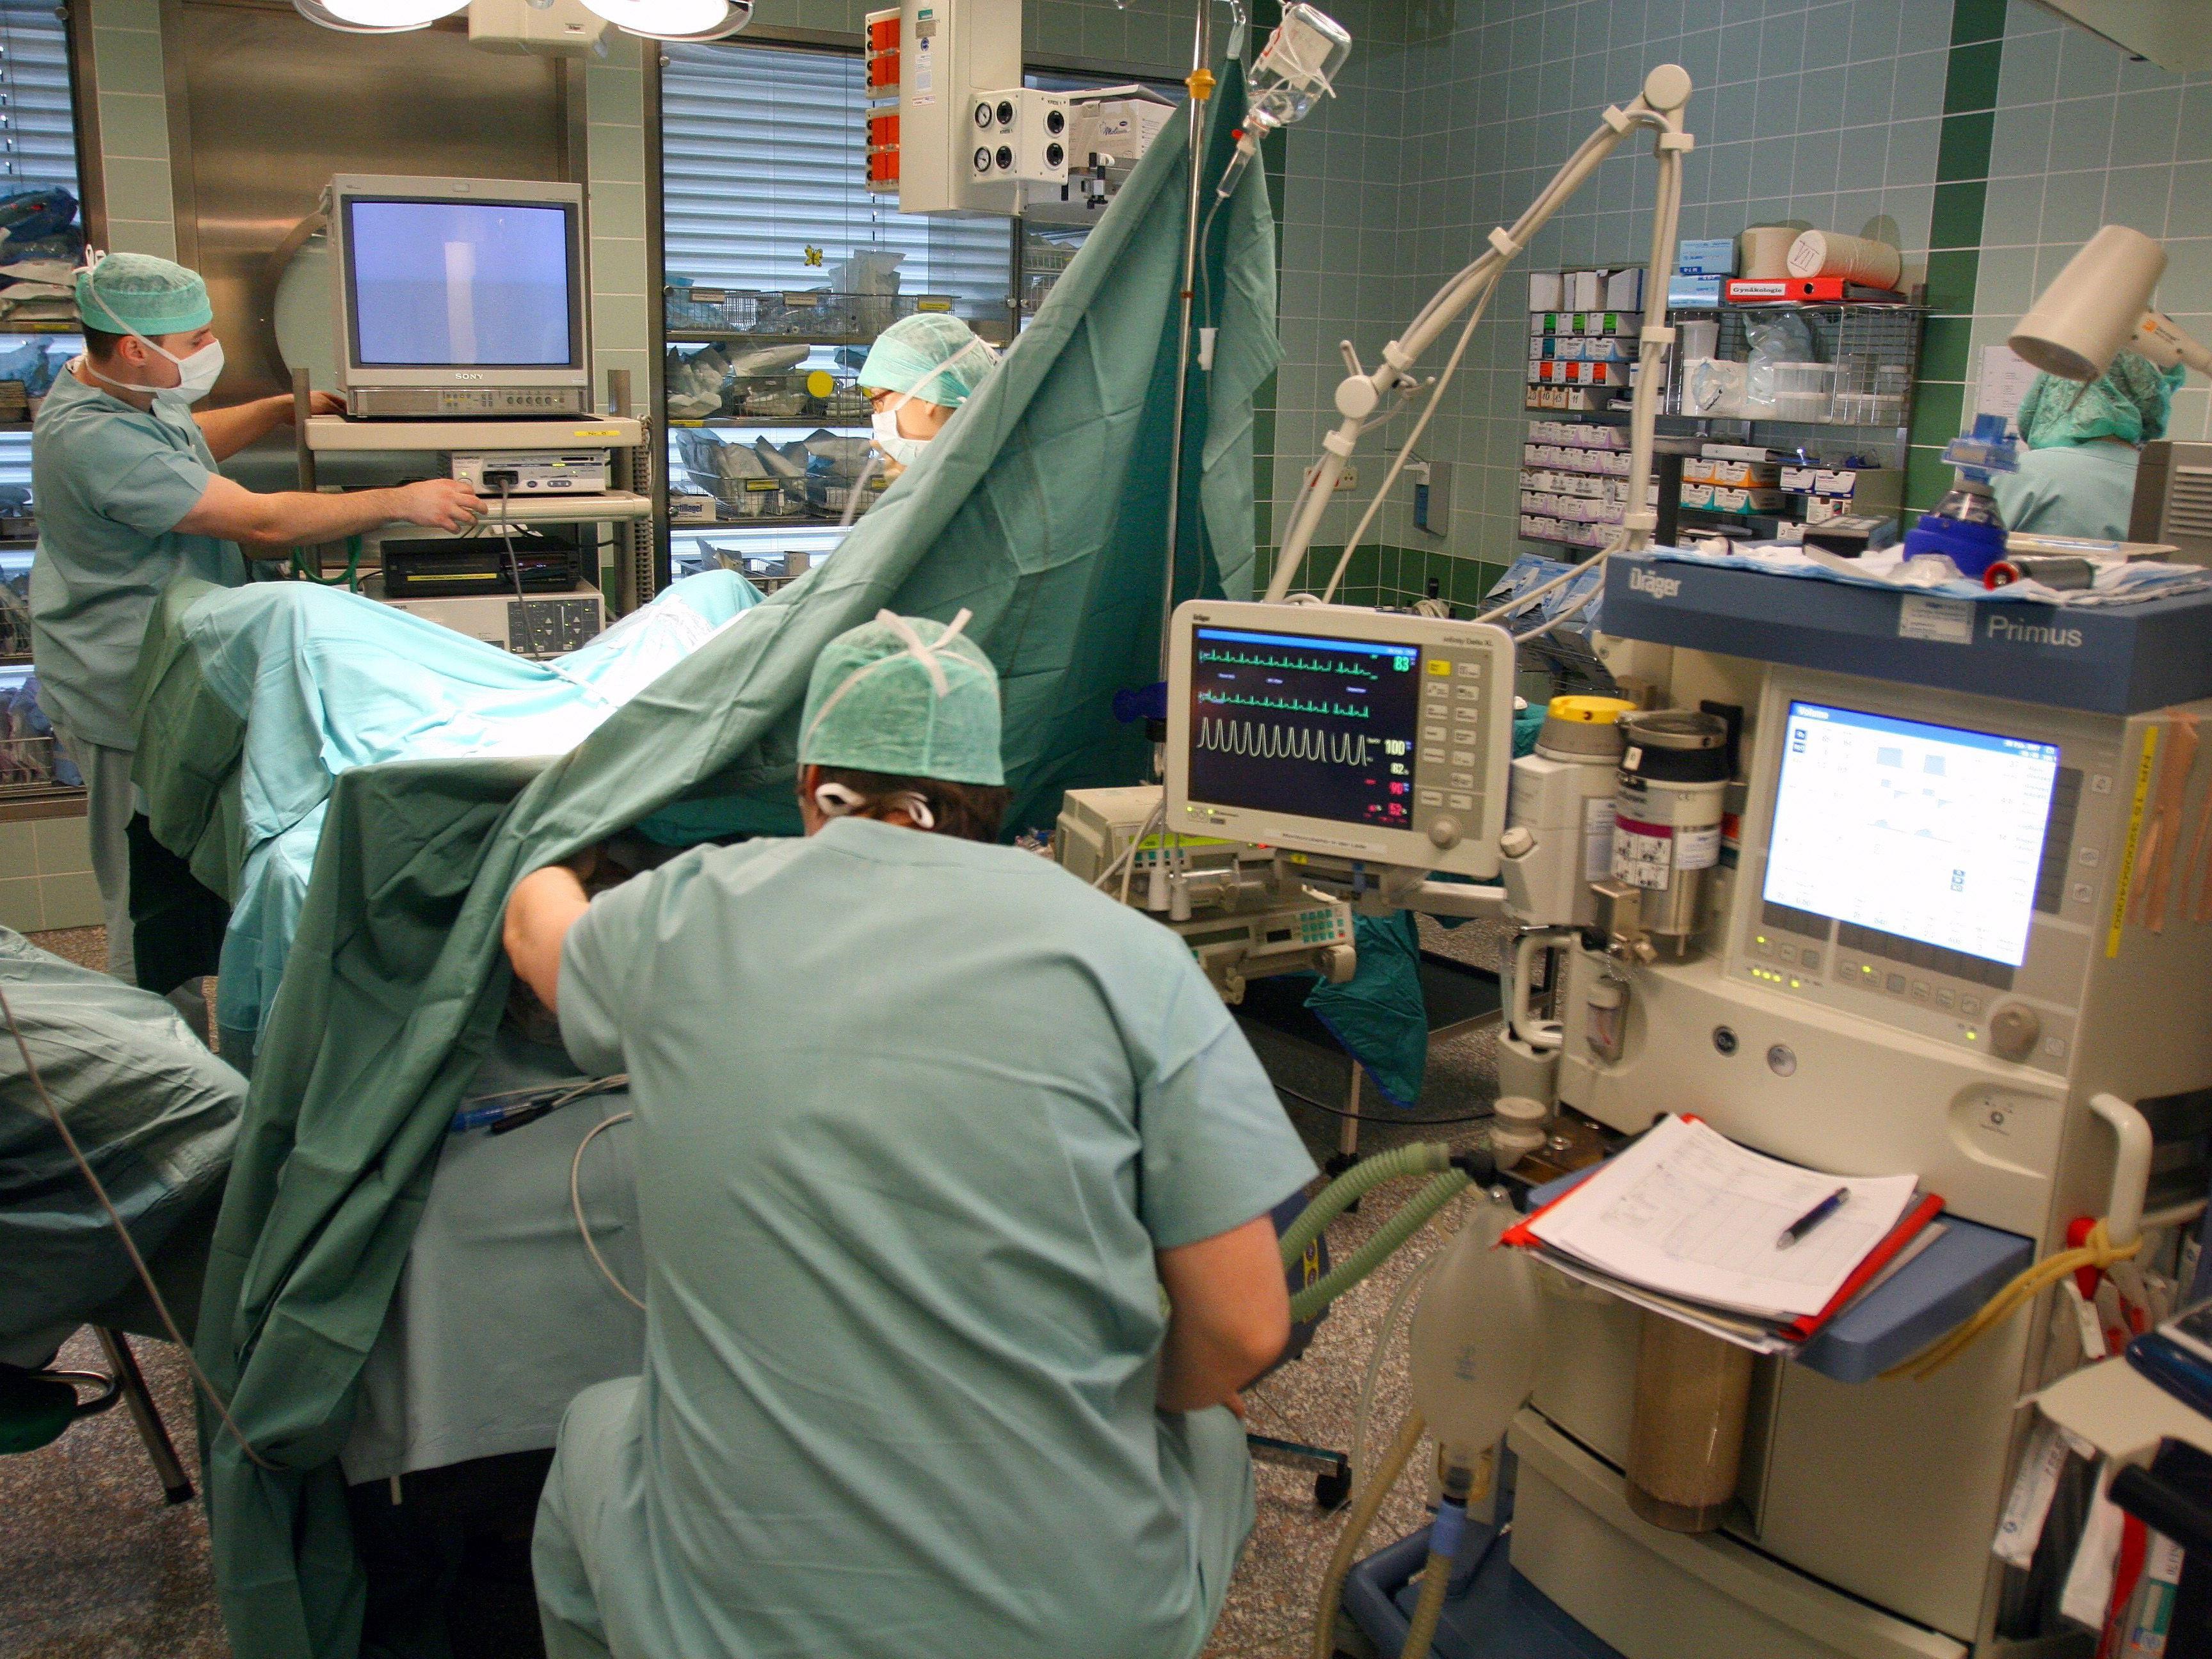 Eine korrekte Diagnose samt Operation hätte der PAtientin das Leben retten können.